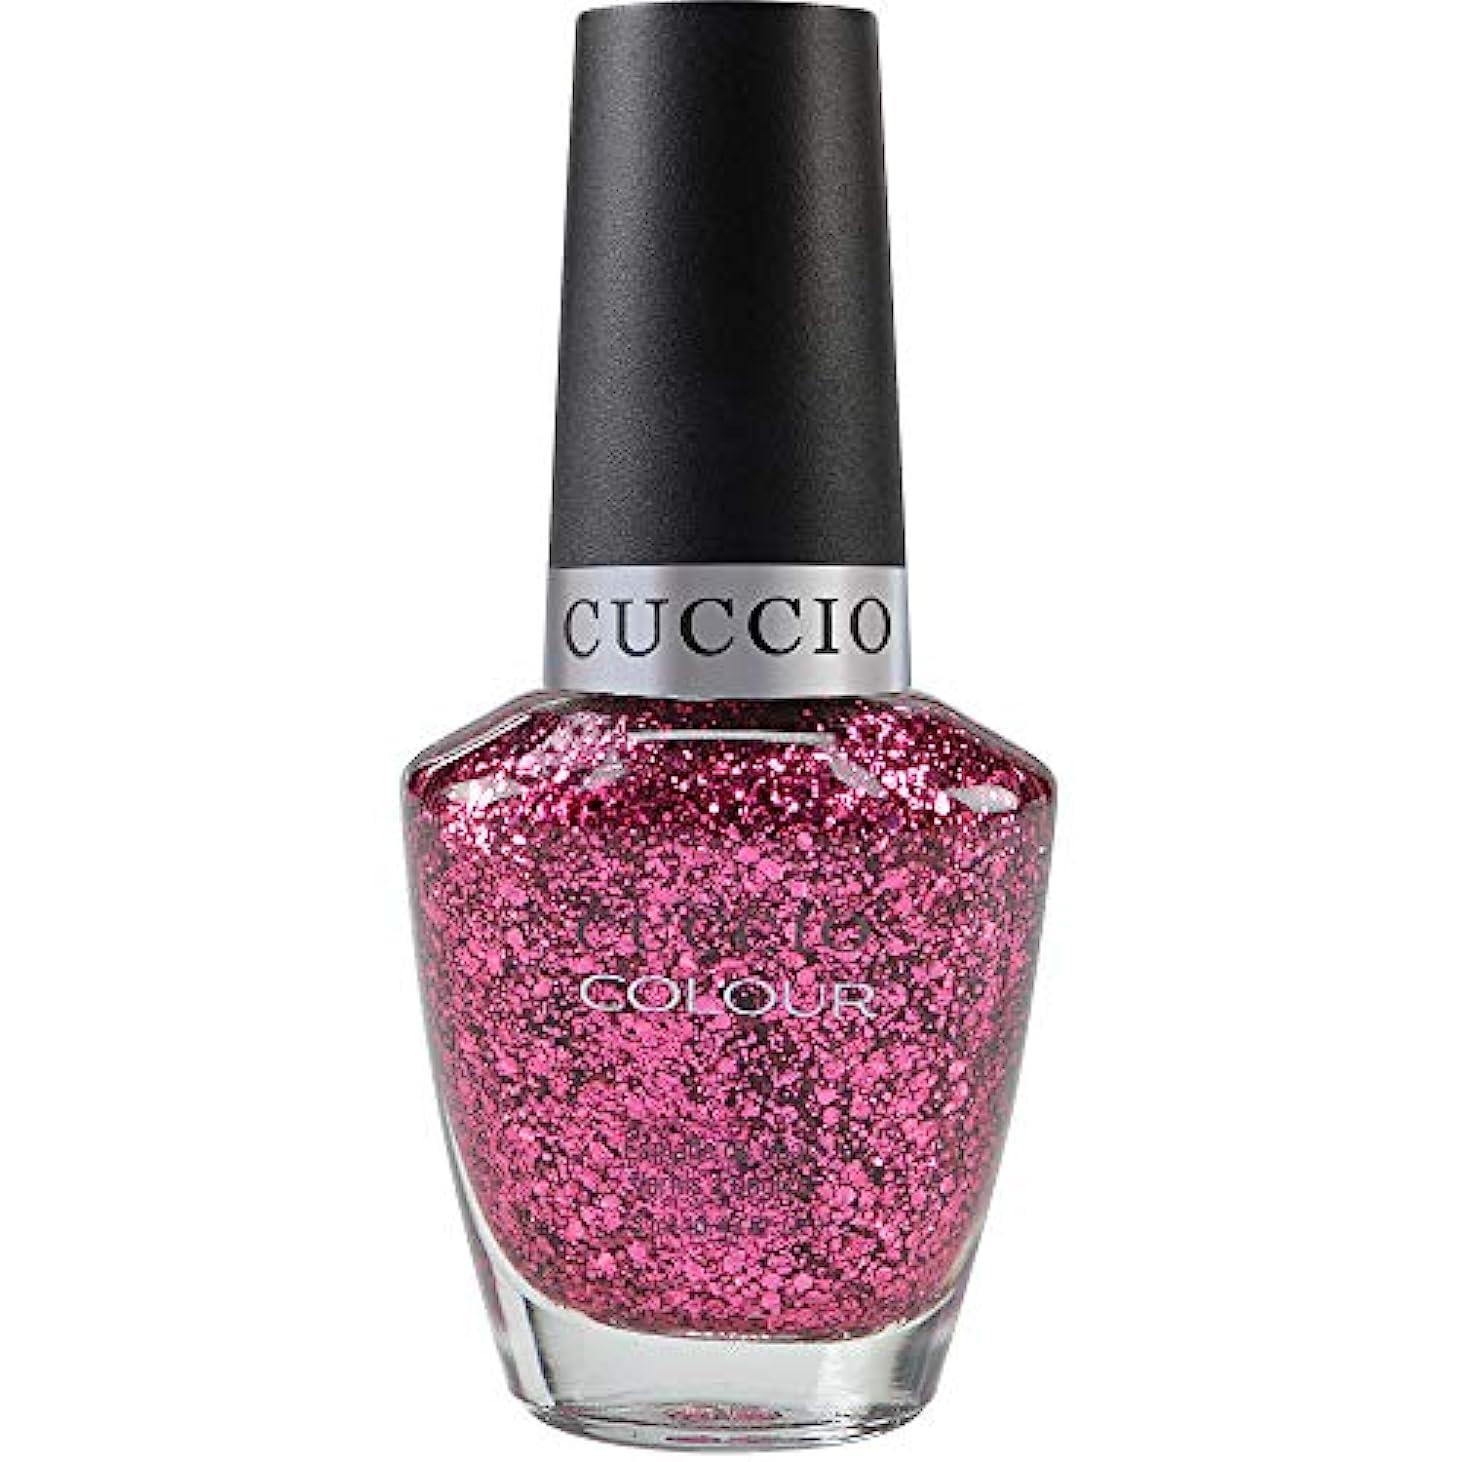 補う地球薄汚いCuccio Colour Gloss Lacquer - Love Potion NO. 9 - 0.43oz / 13ml